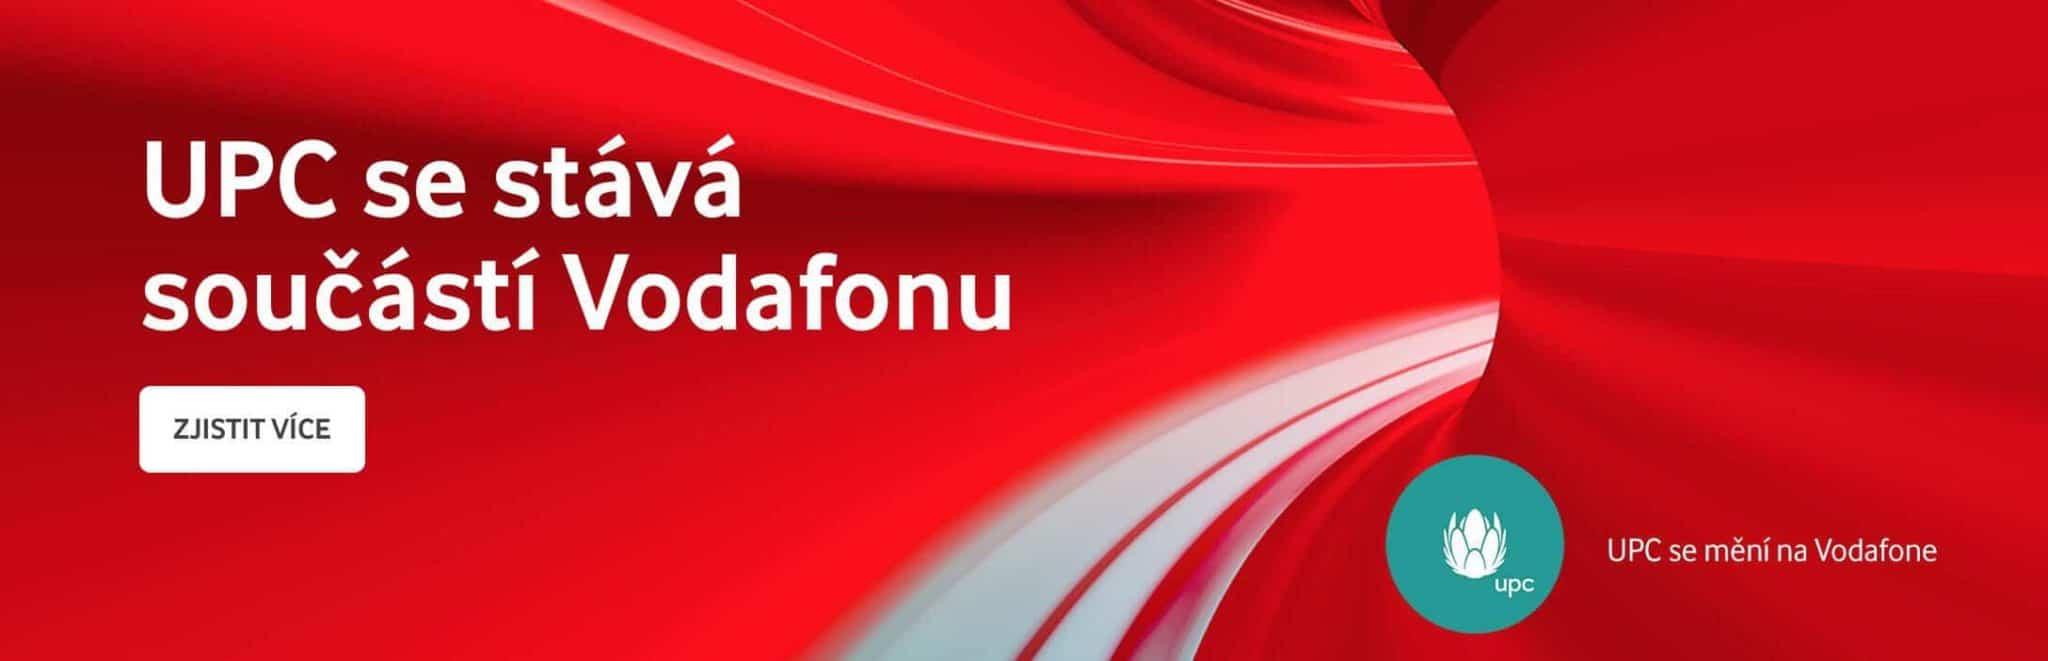 UPC se stává součástí Vodafonu. Co se mění a kdy přijde společná nabídka?